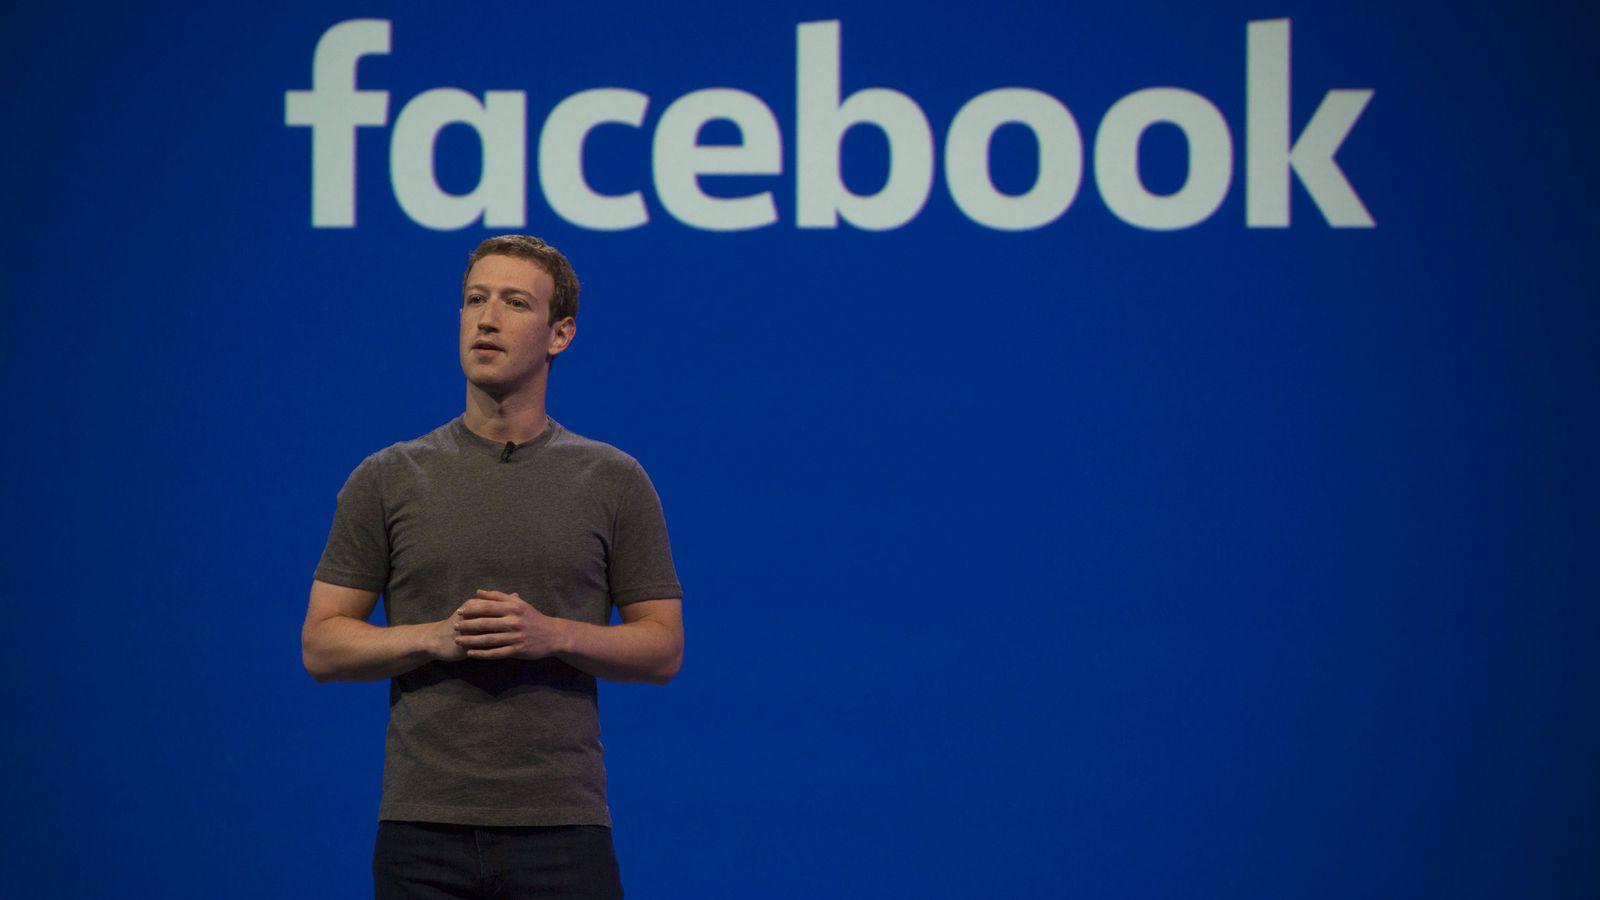 Milyarlarca İnsan Seni Doyuramadı Mark Zuckerberg! Bizi Mahvettin! Teşekkürler!!